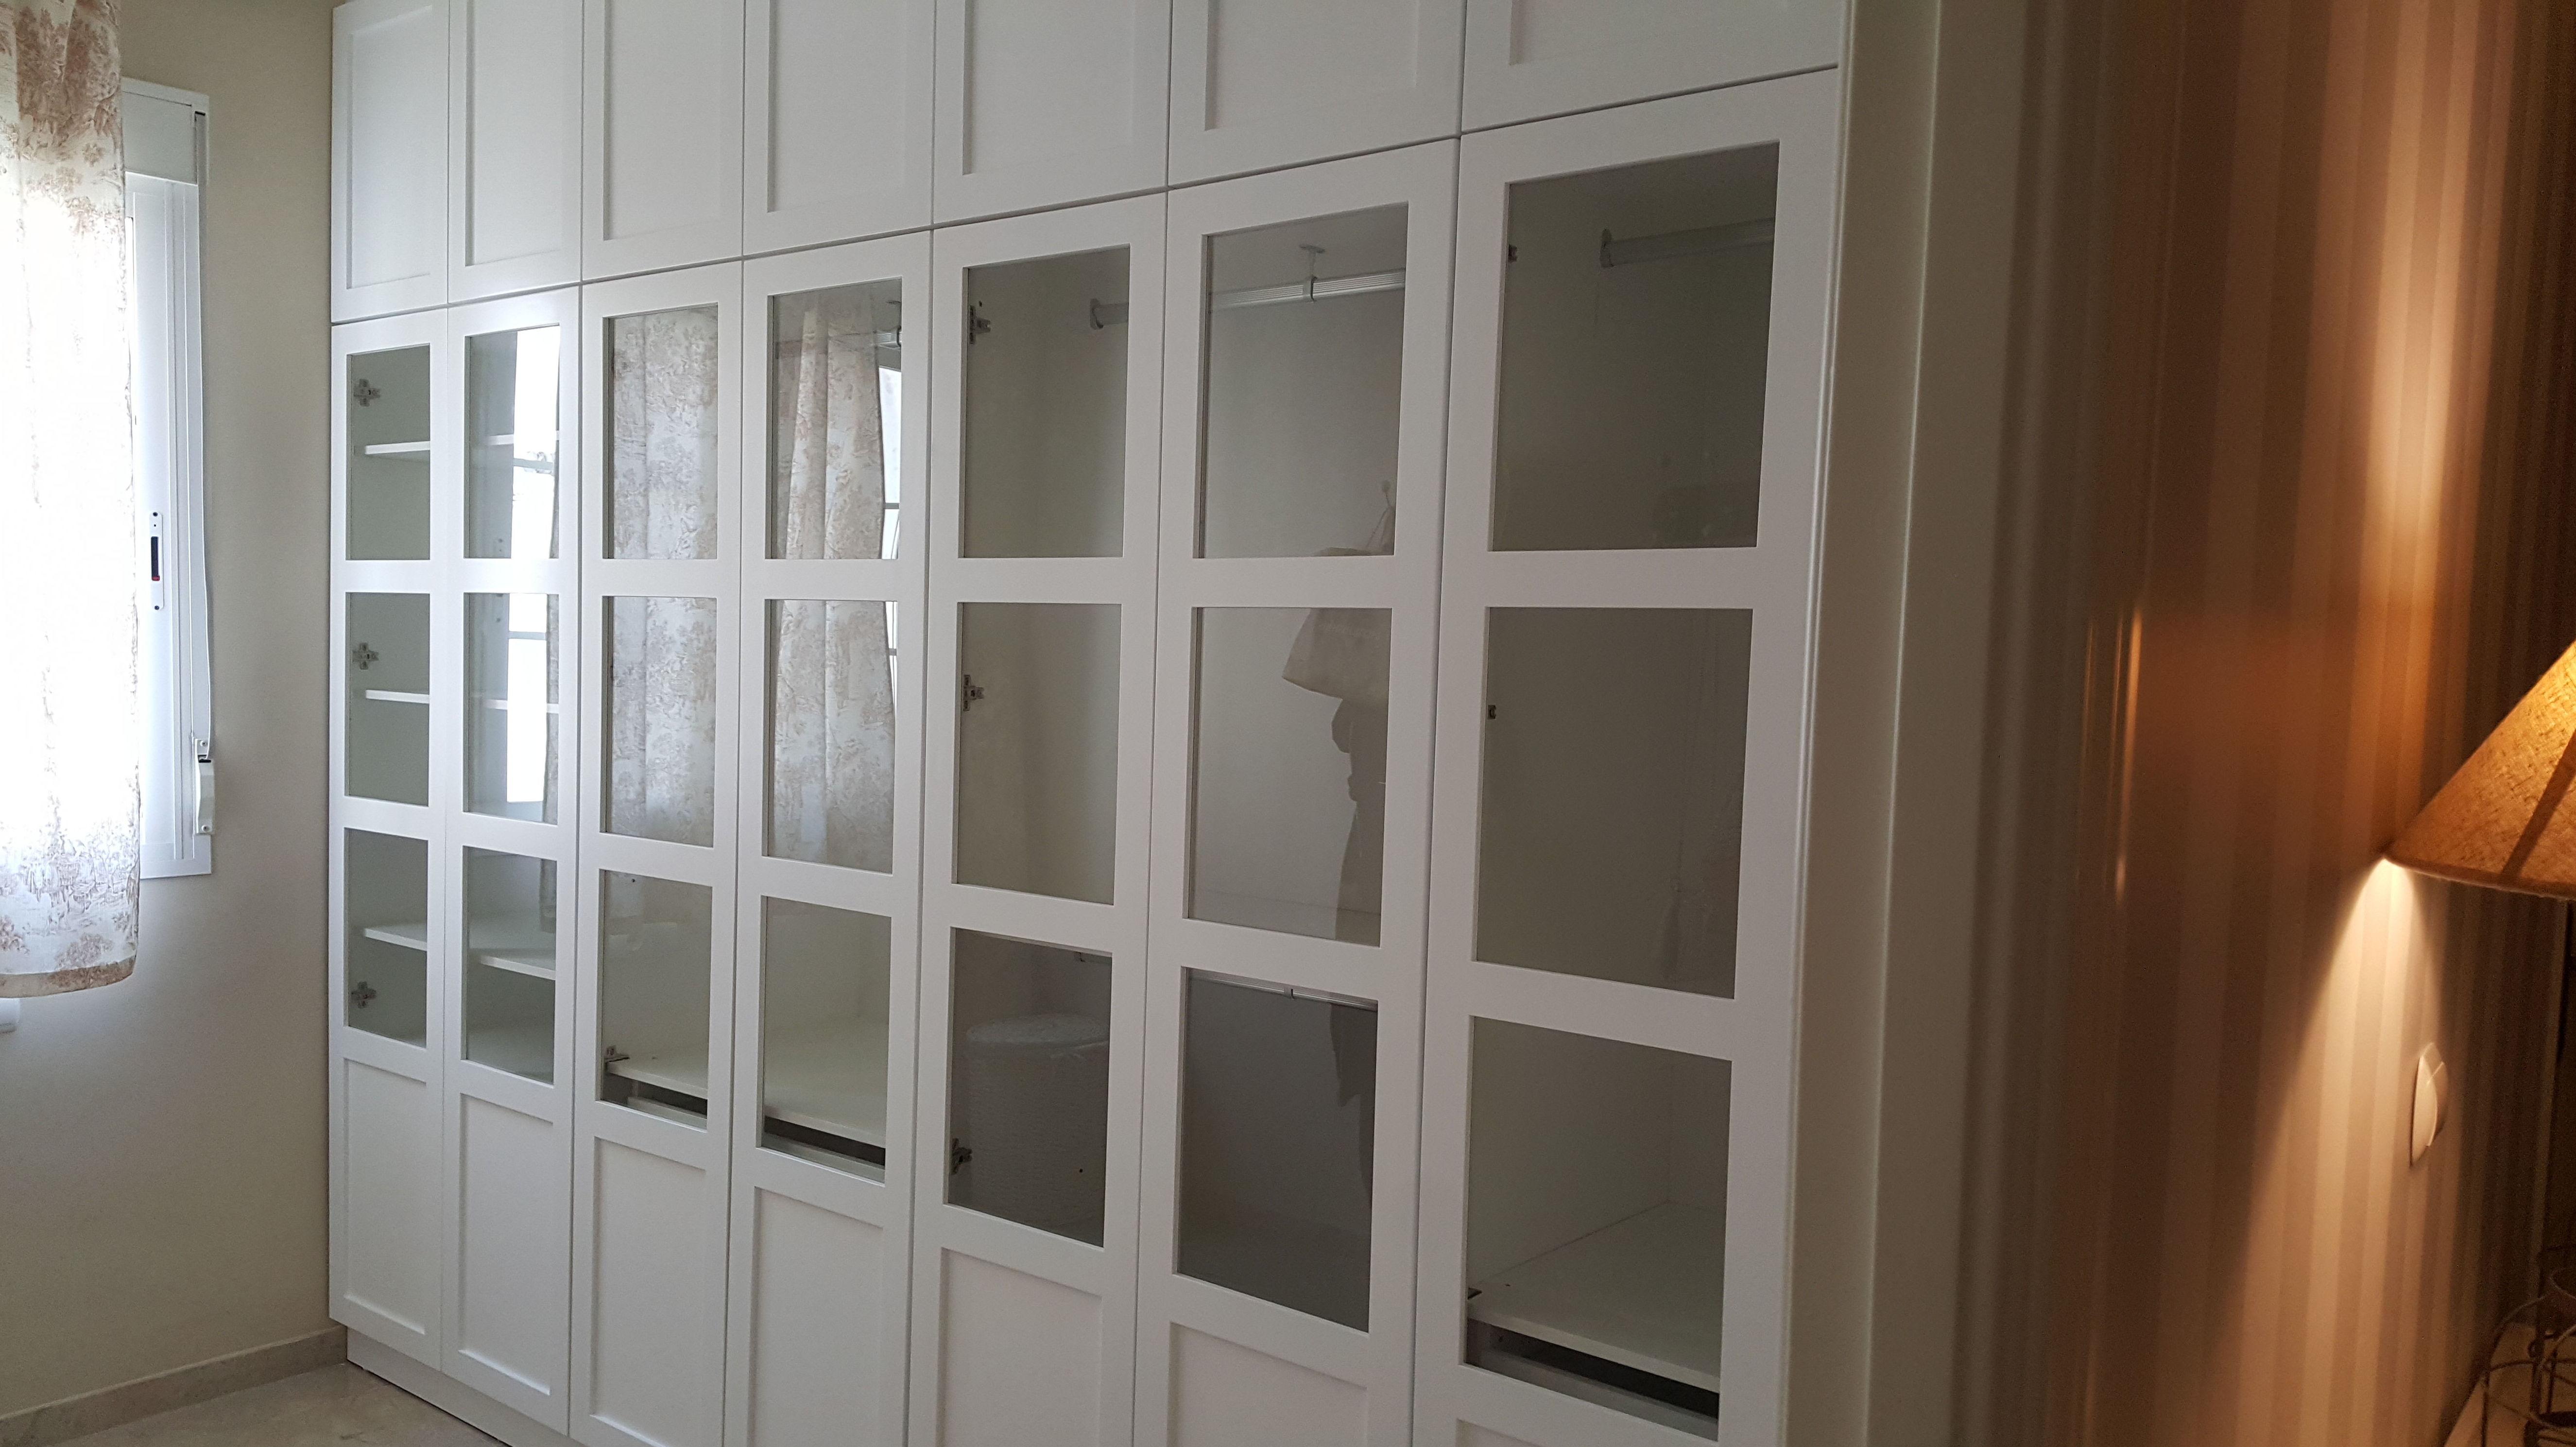 Armarios lacados en blanco con cristal latest fc frente - Precio armario empotrado 2 metros ...